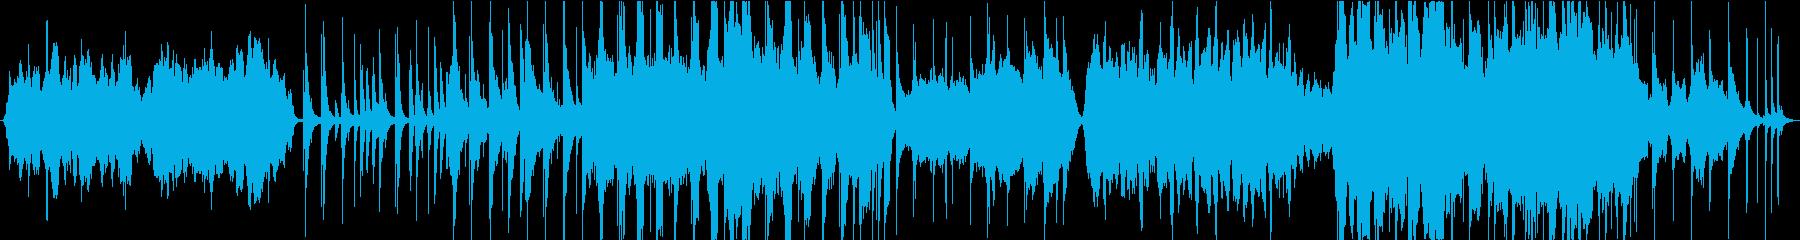 【生演奏】ゆったりした時が流れる弦楽器曲の再生済みの波形